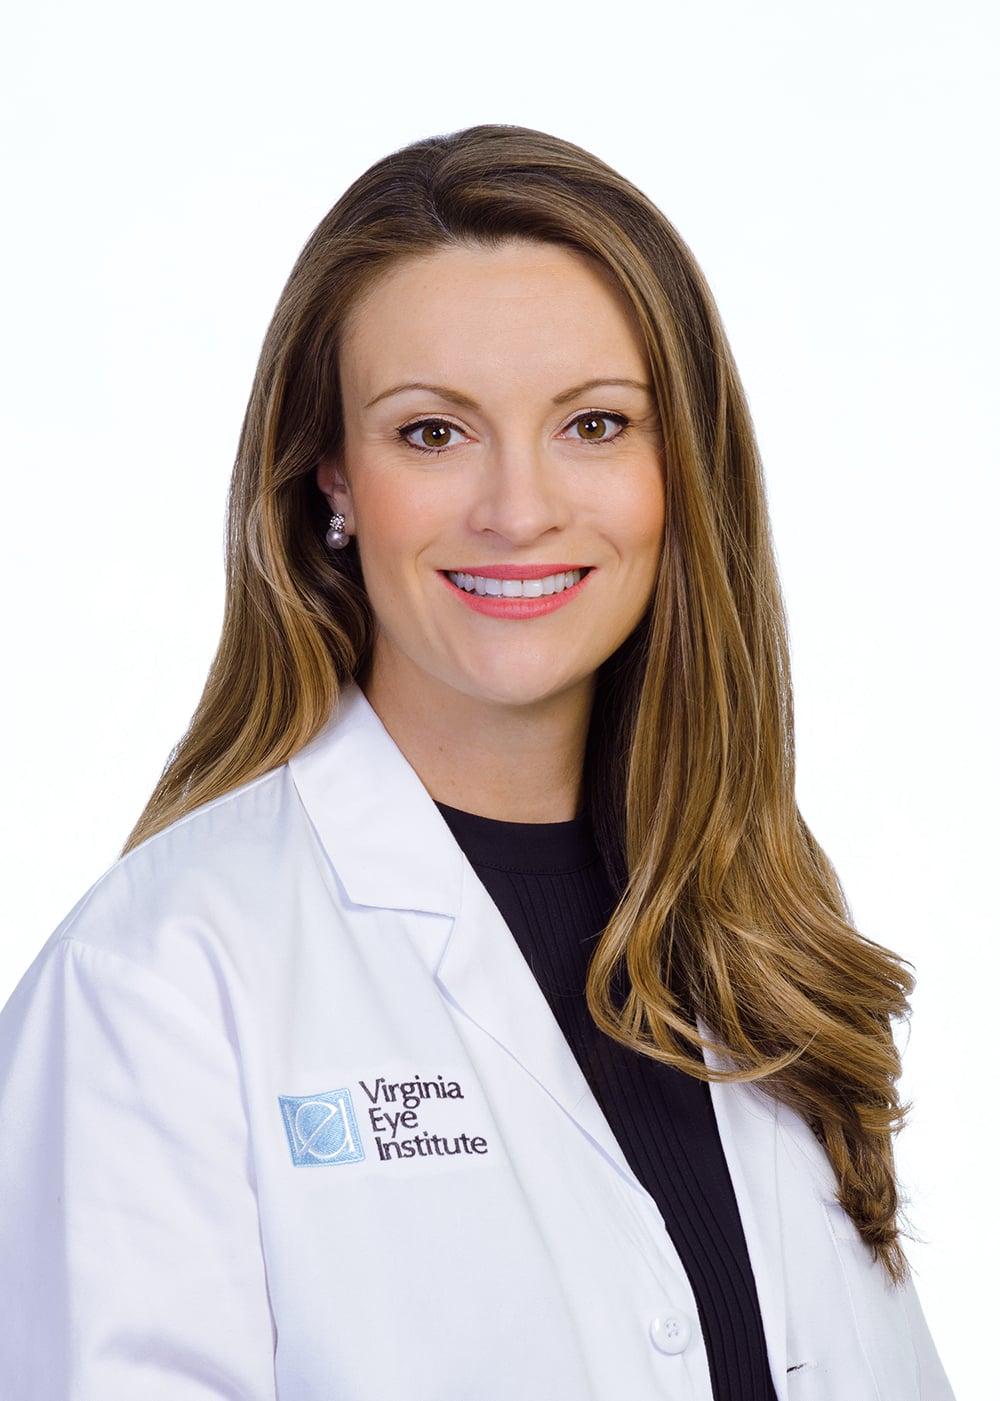 Nicole A. Langelier M.D., M.B.E.